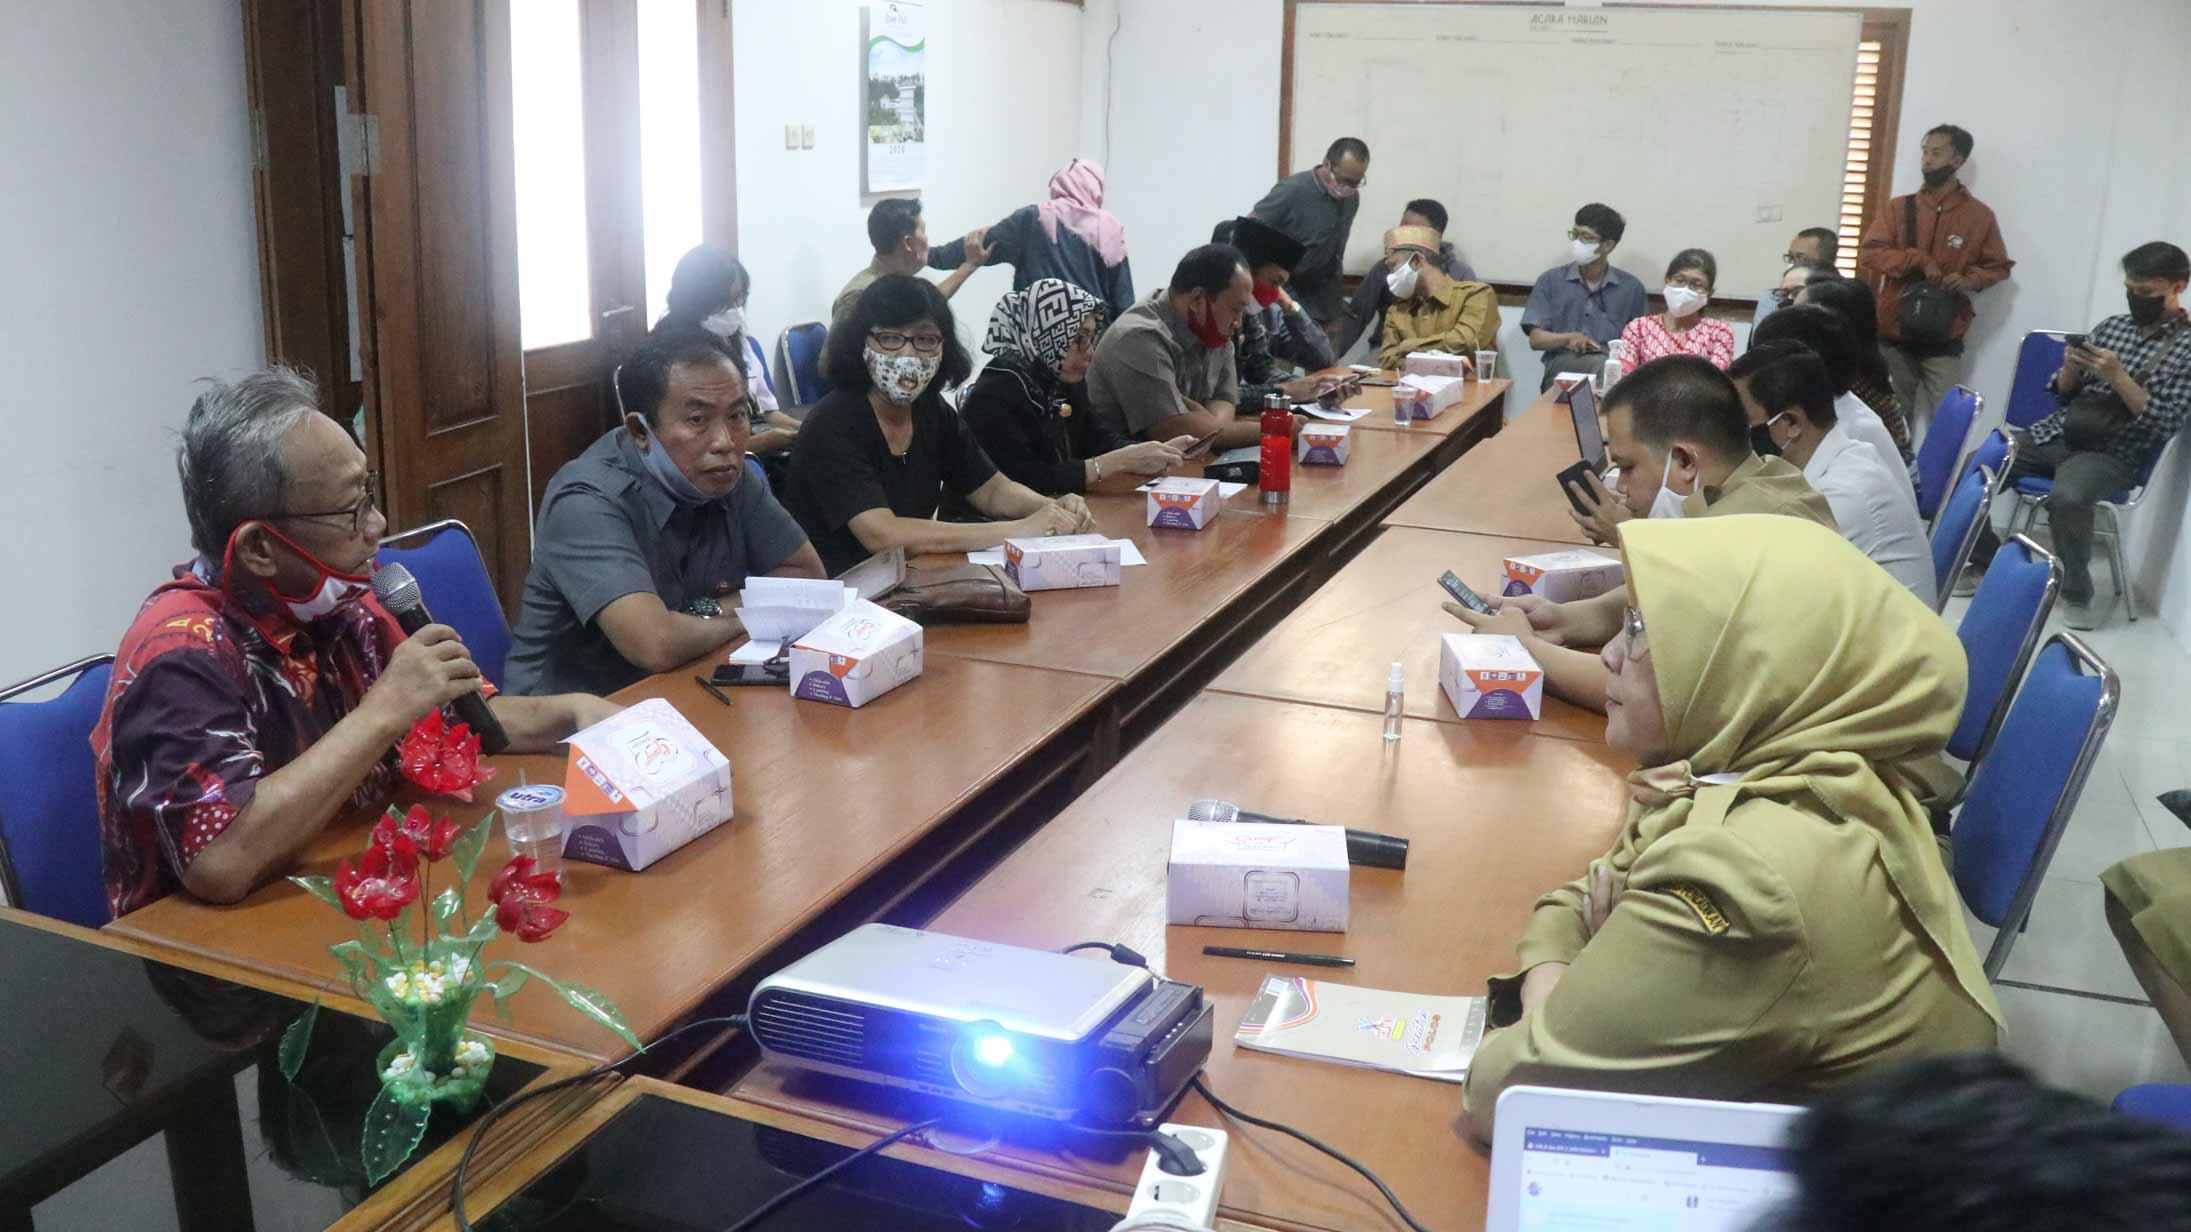 Komisi IV DPRD Kota Surakarta melakukan Sidak ke Dinas Pendidikan Kota Surakarta